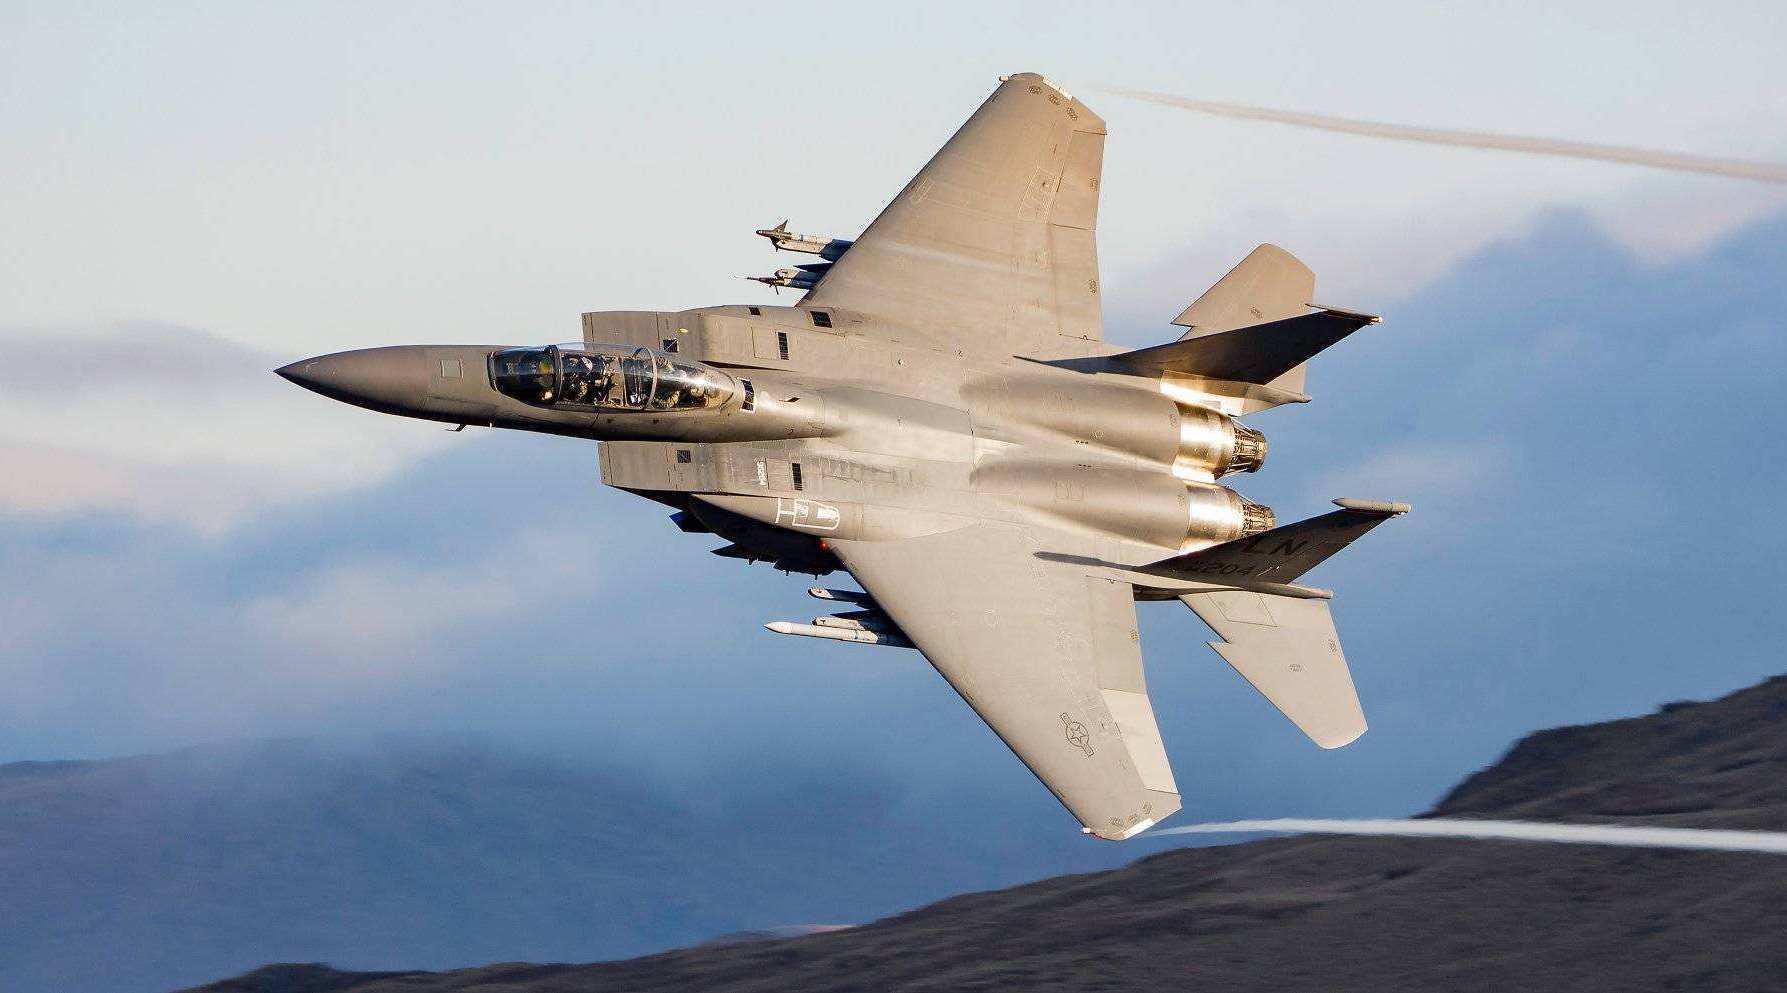 美军测试多平台联合电子战能力,准备成立网络任务部队……